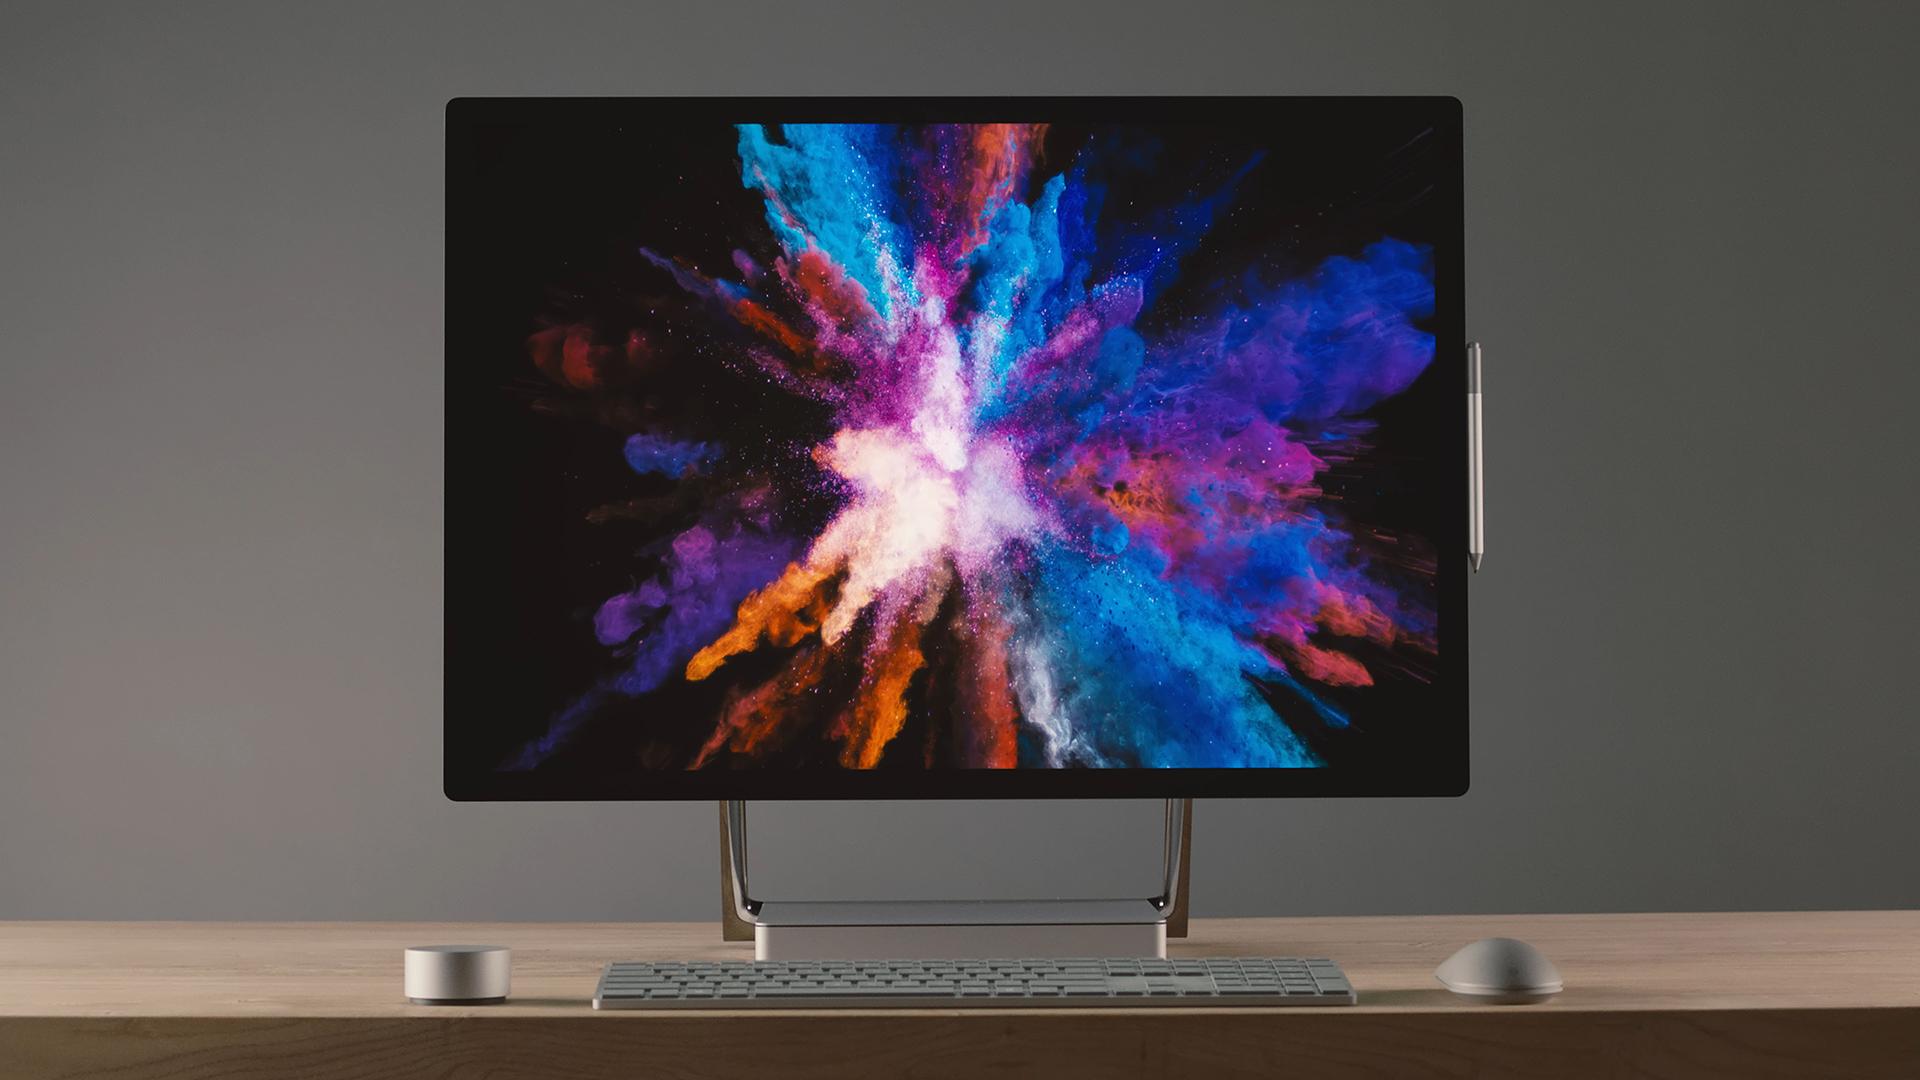 Windows 11 : la plupart des PC Surface seraient incompatibles, même à plus de 4000 euros